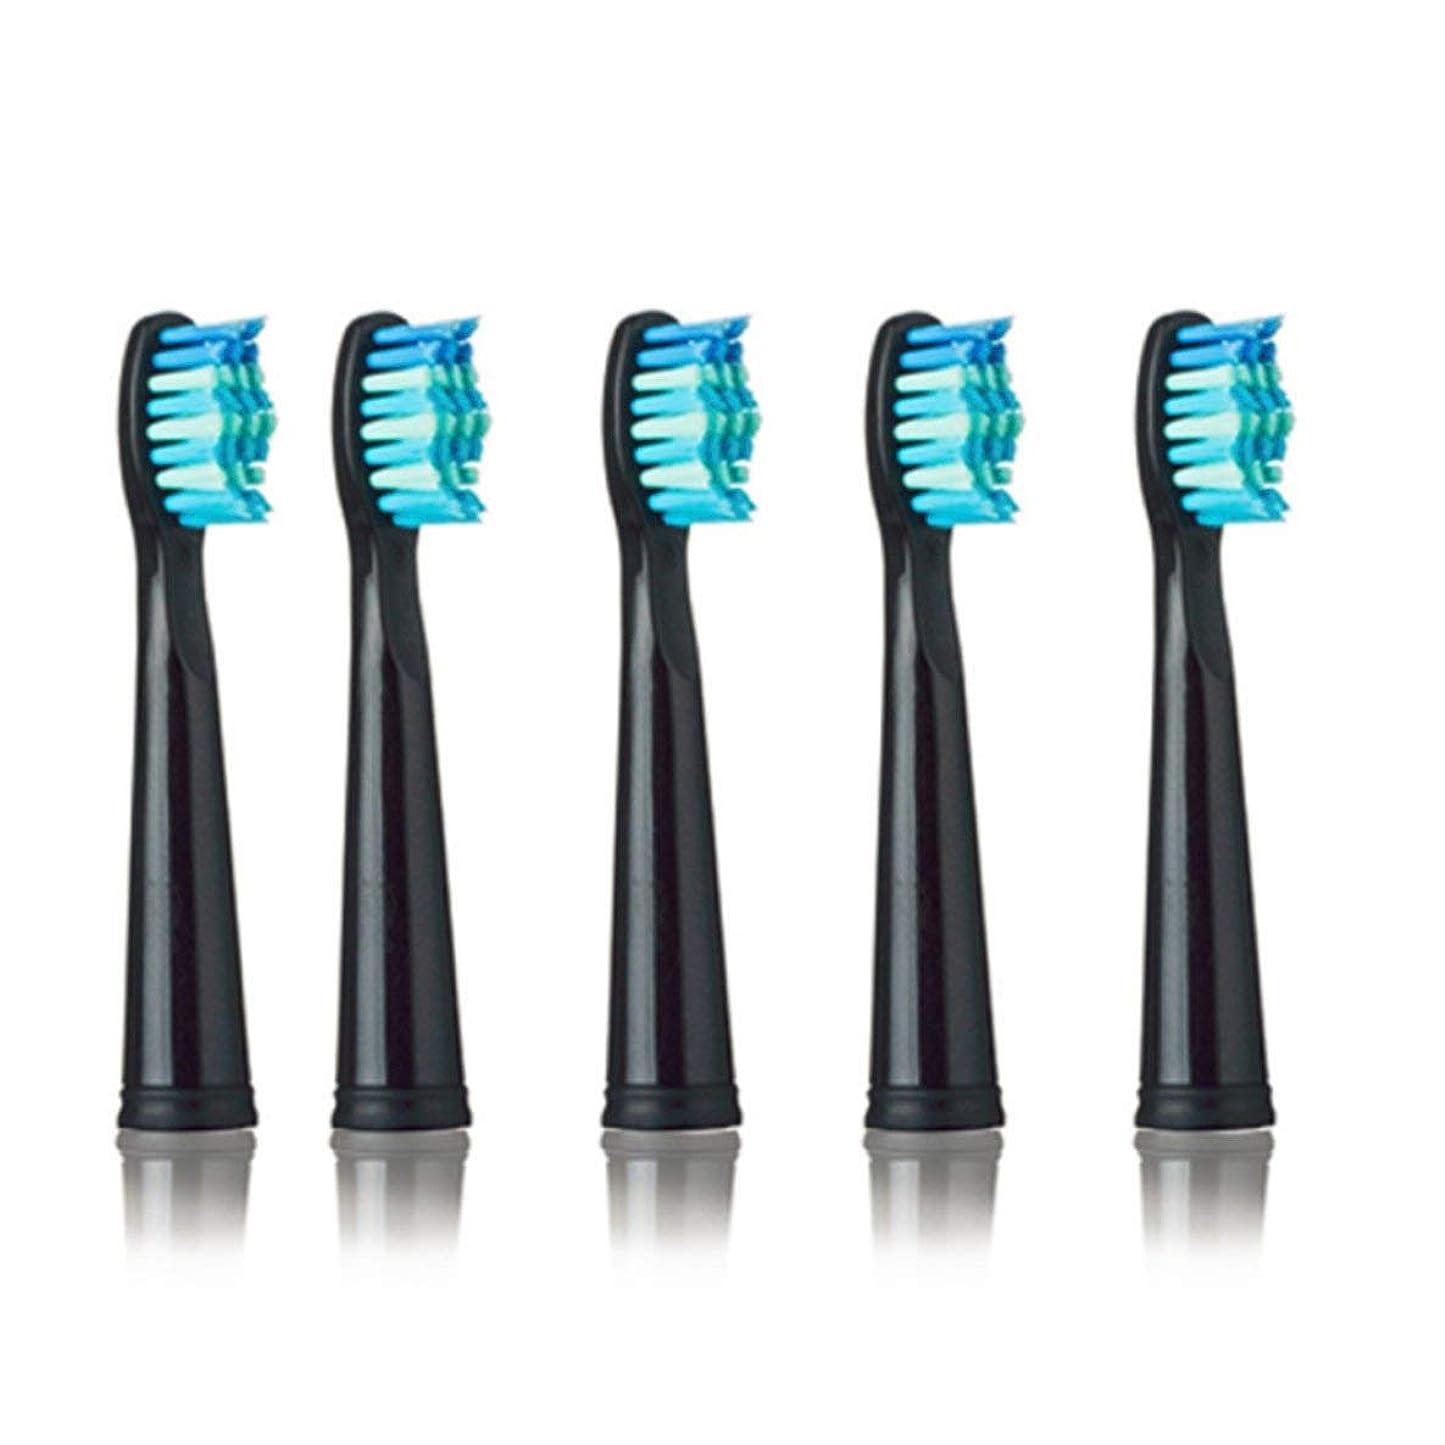 クロニクル軽く悲しいDyStyle 電動歯ブラシの頭部SEAGO 949/507/610/659のための抗菌自動歯ブラシの頭部